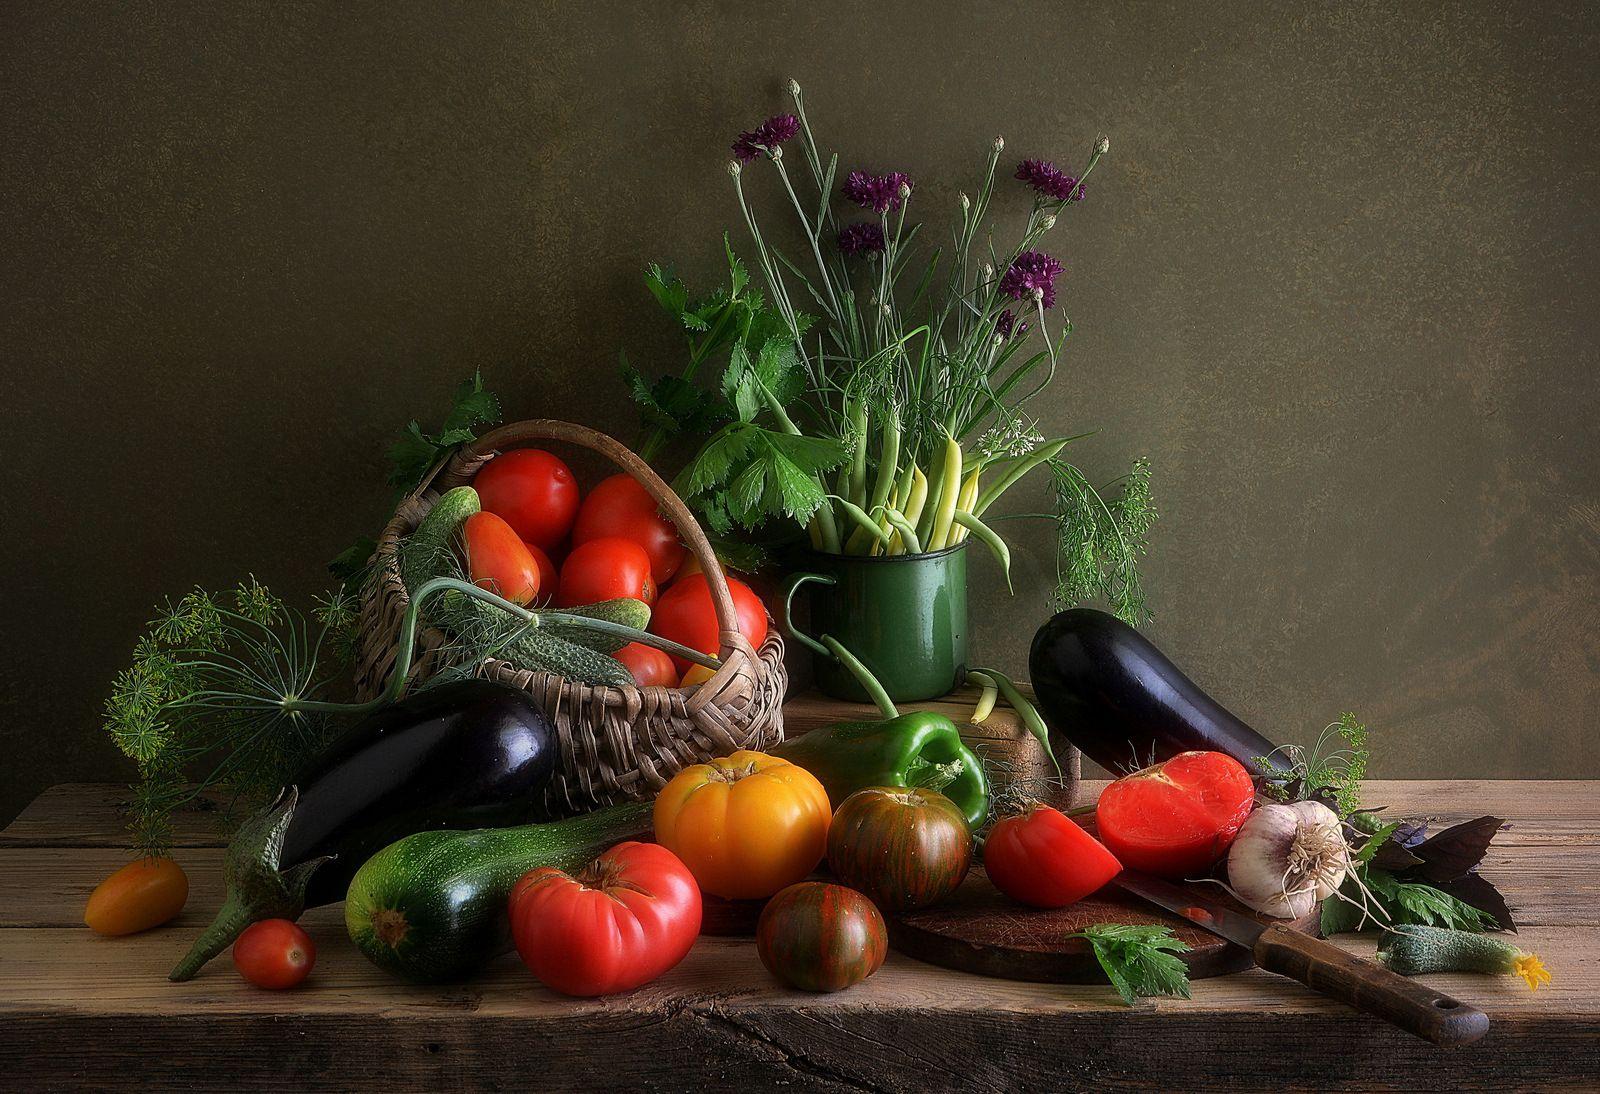 Натюрморт с овощами.(всё своё) Сергей Алексеев натюрморт